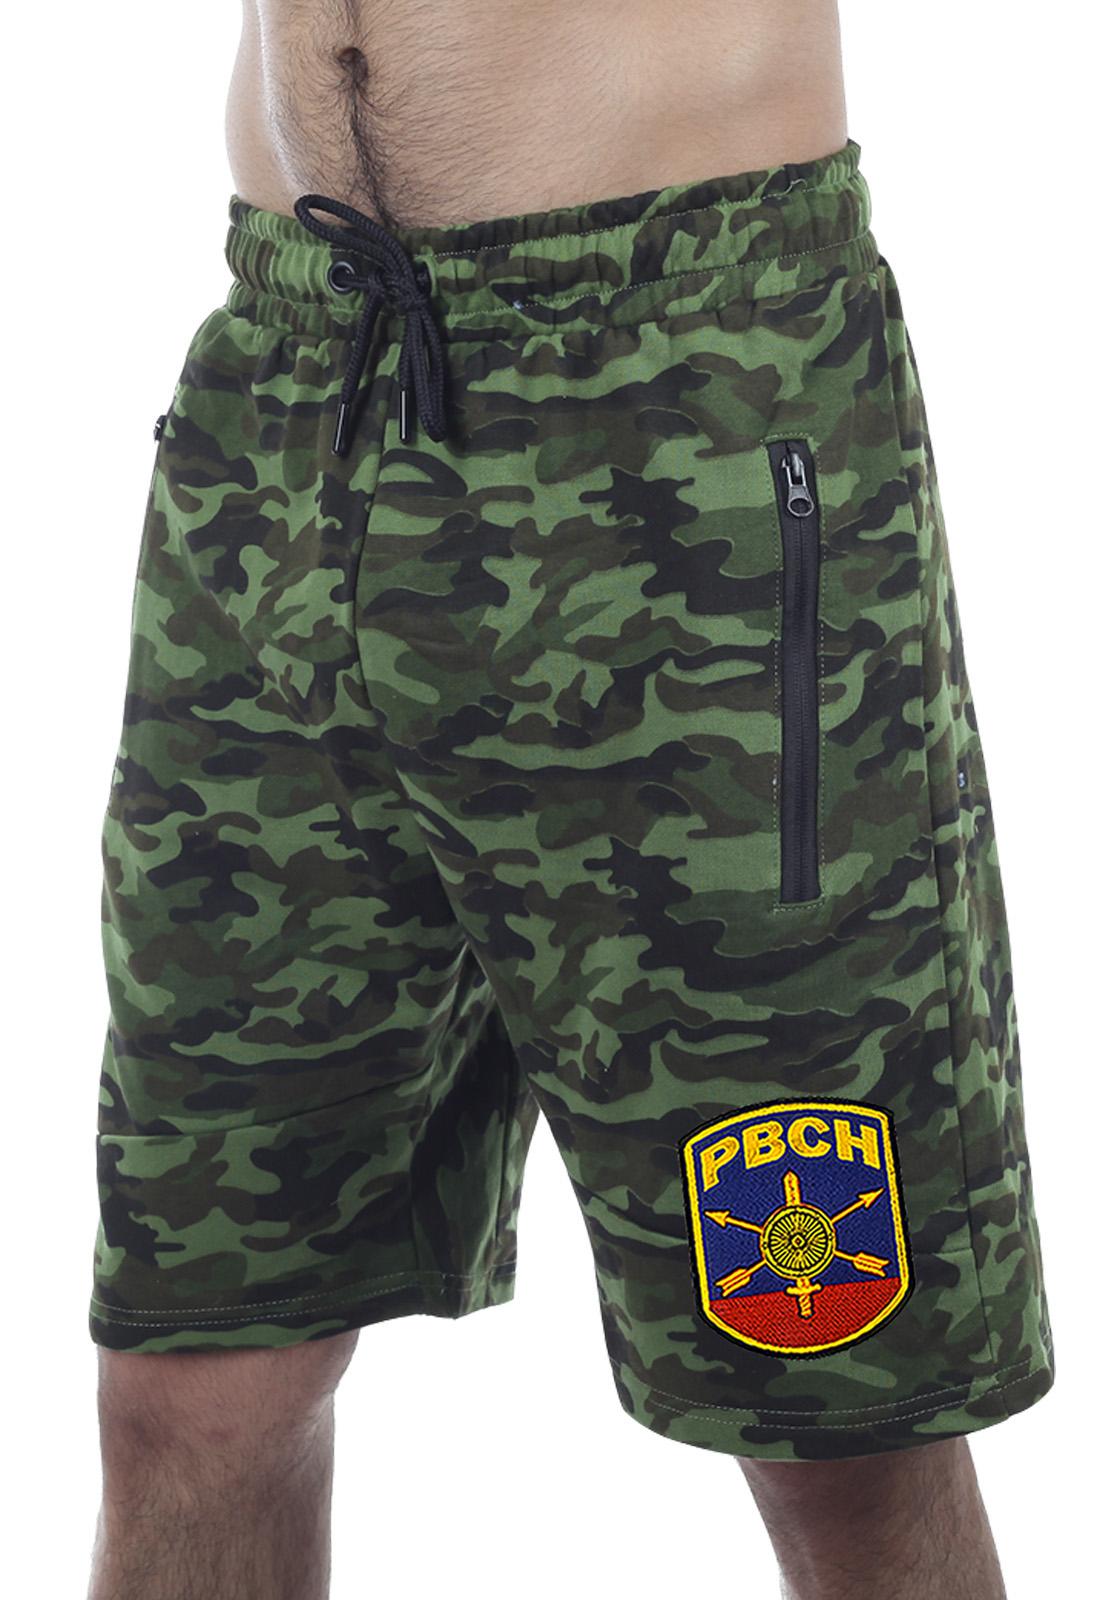 Купить армейские комфортные шорты с карманами и нашивкой РВСН оптом или в розницу